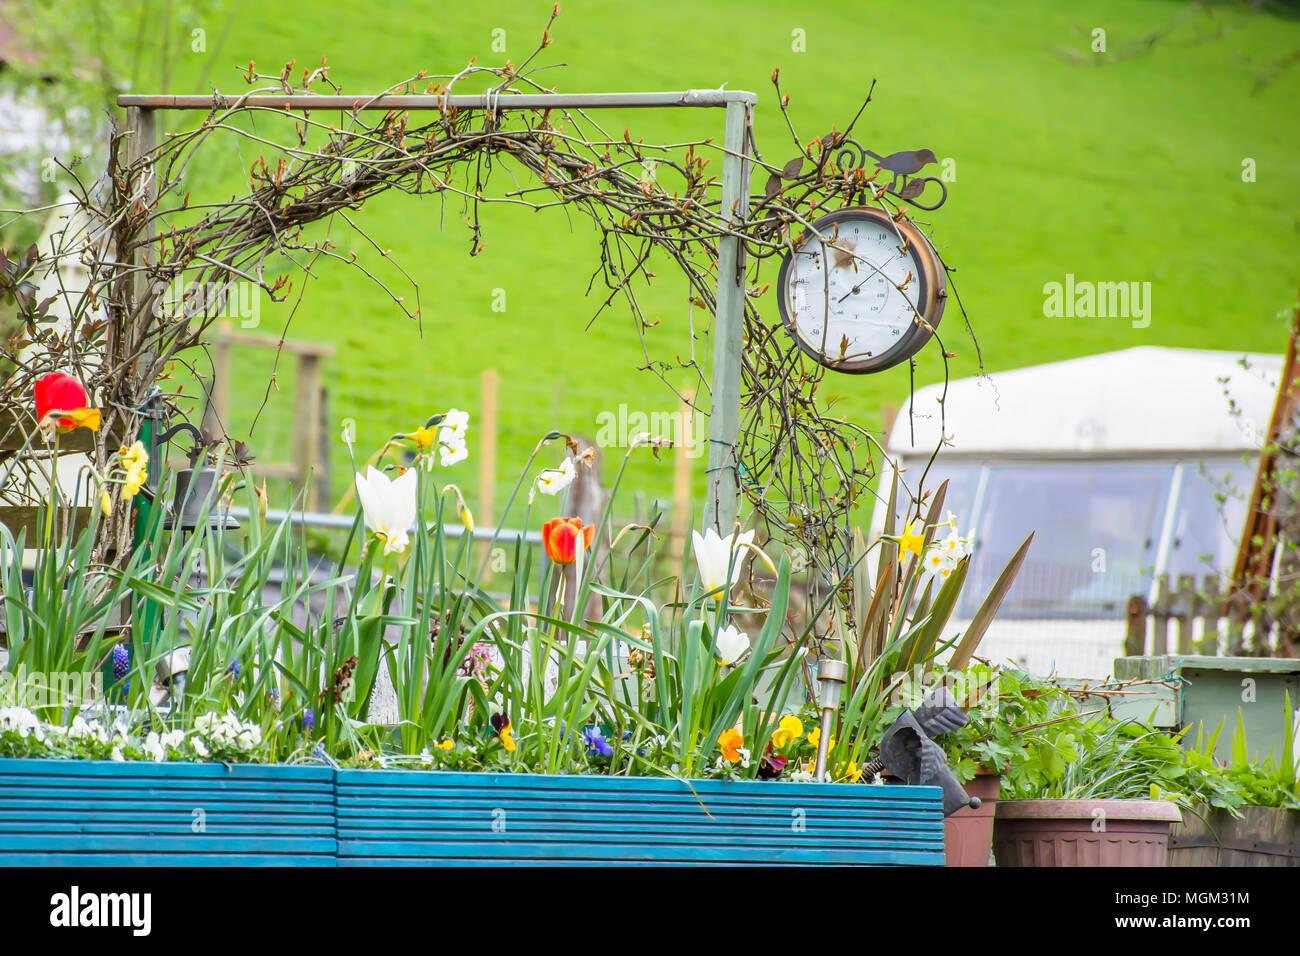 Tulip Spring Break Stock Photos Tulip Spring Break Stock Images